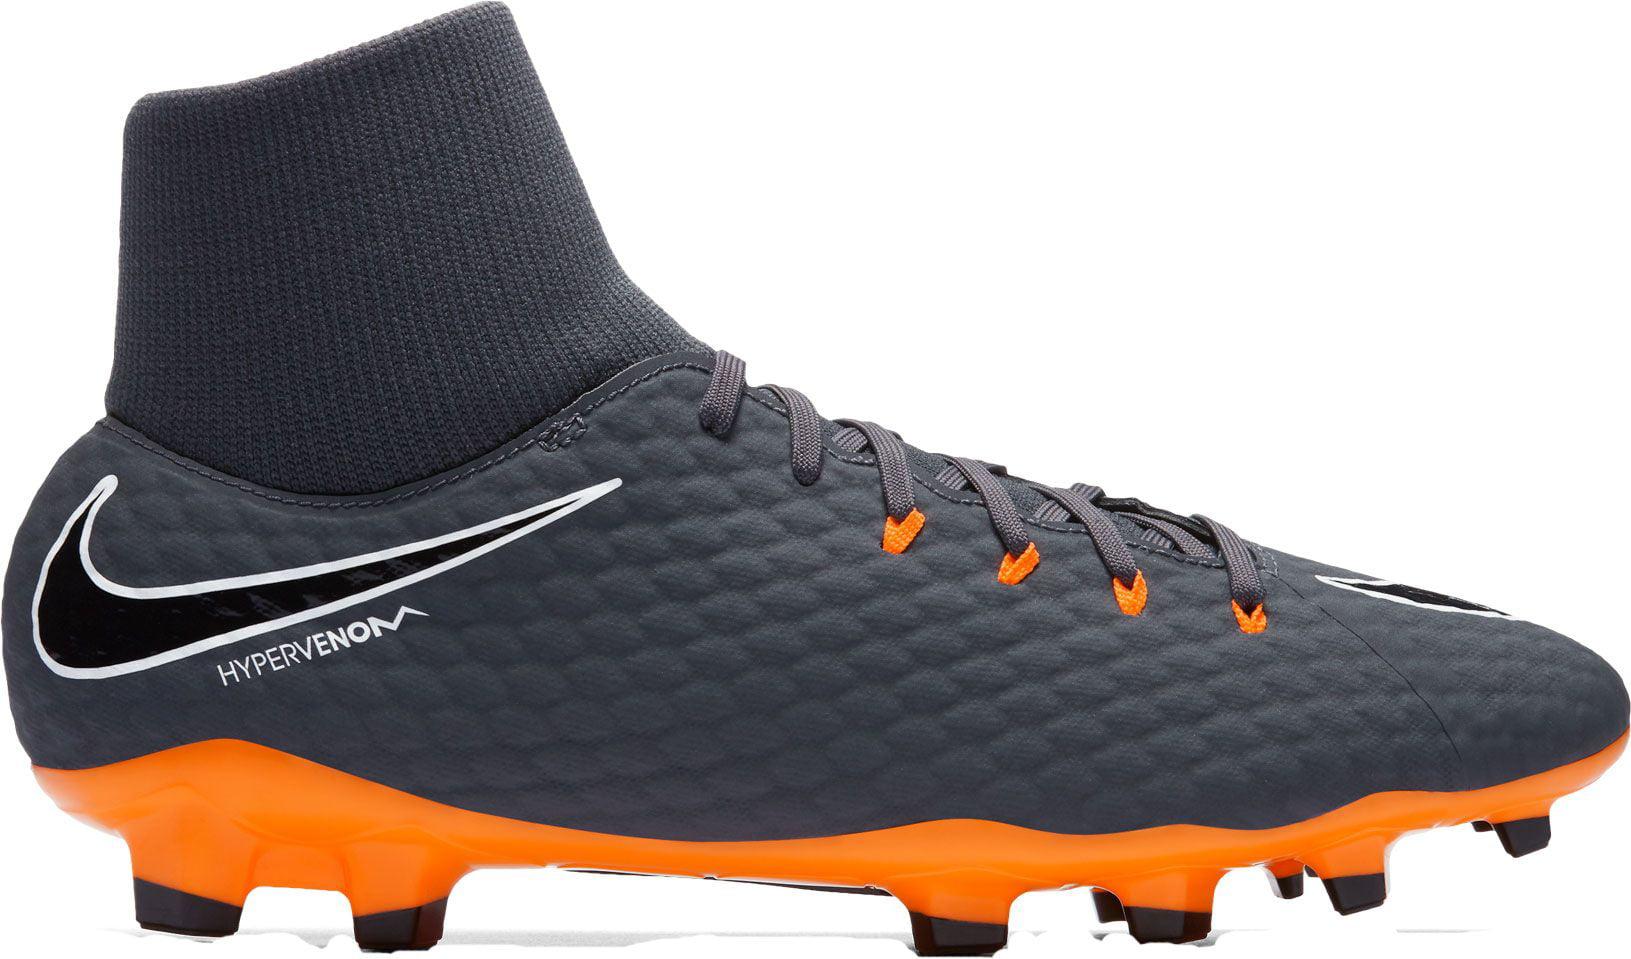 Nike Hypervenom Phantom 3 Academy